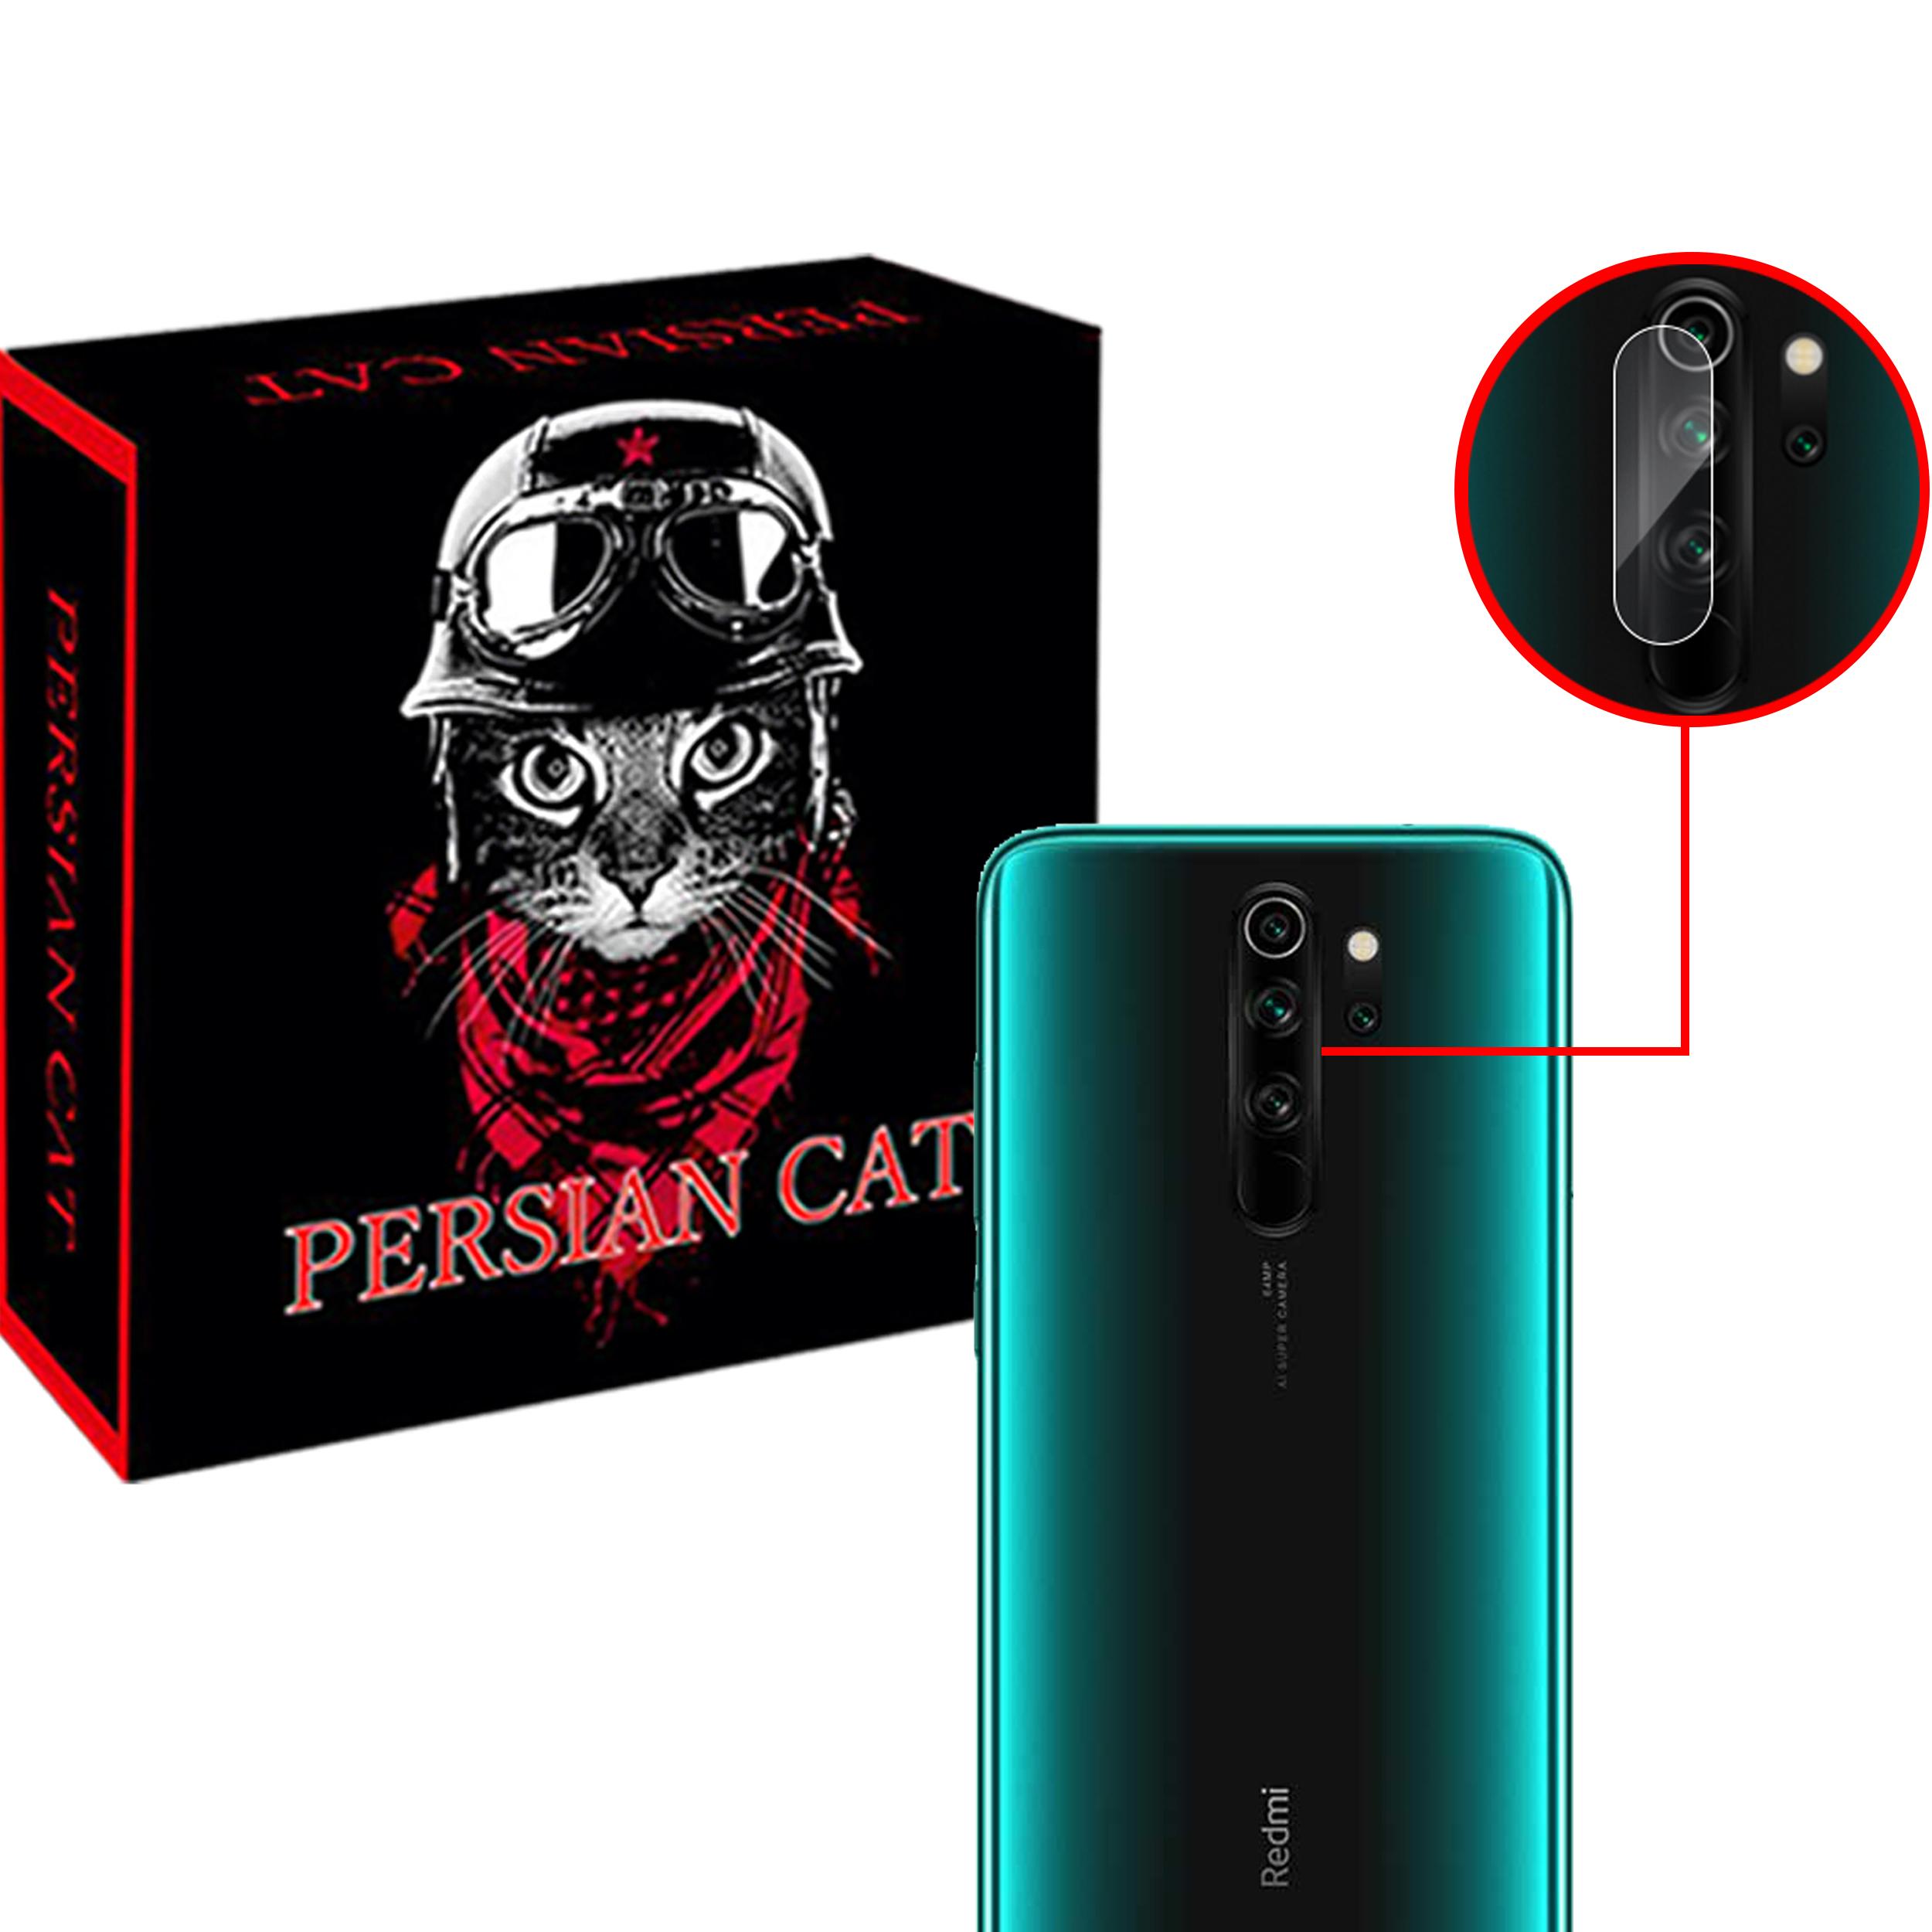 محافظ لنز دوربین پرشین کت مدل PCL مناسب برای گوشی موبایل شیائومی Redmi Note8 pro